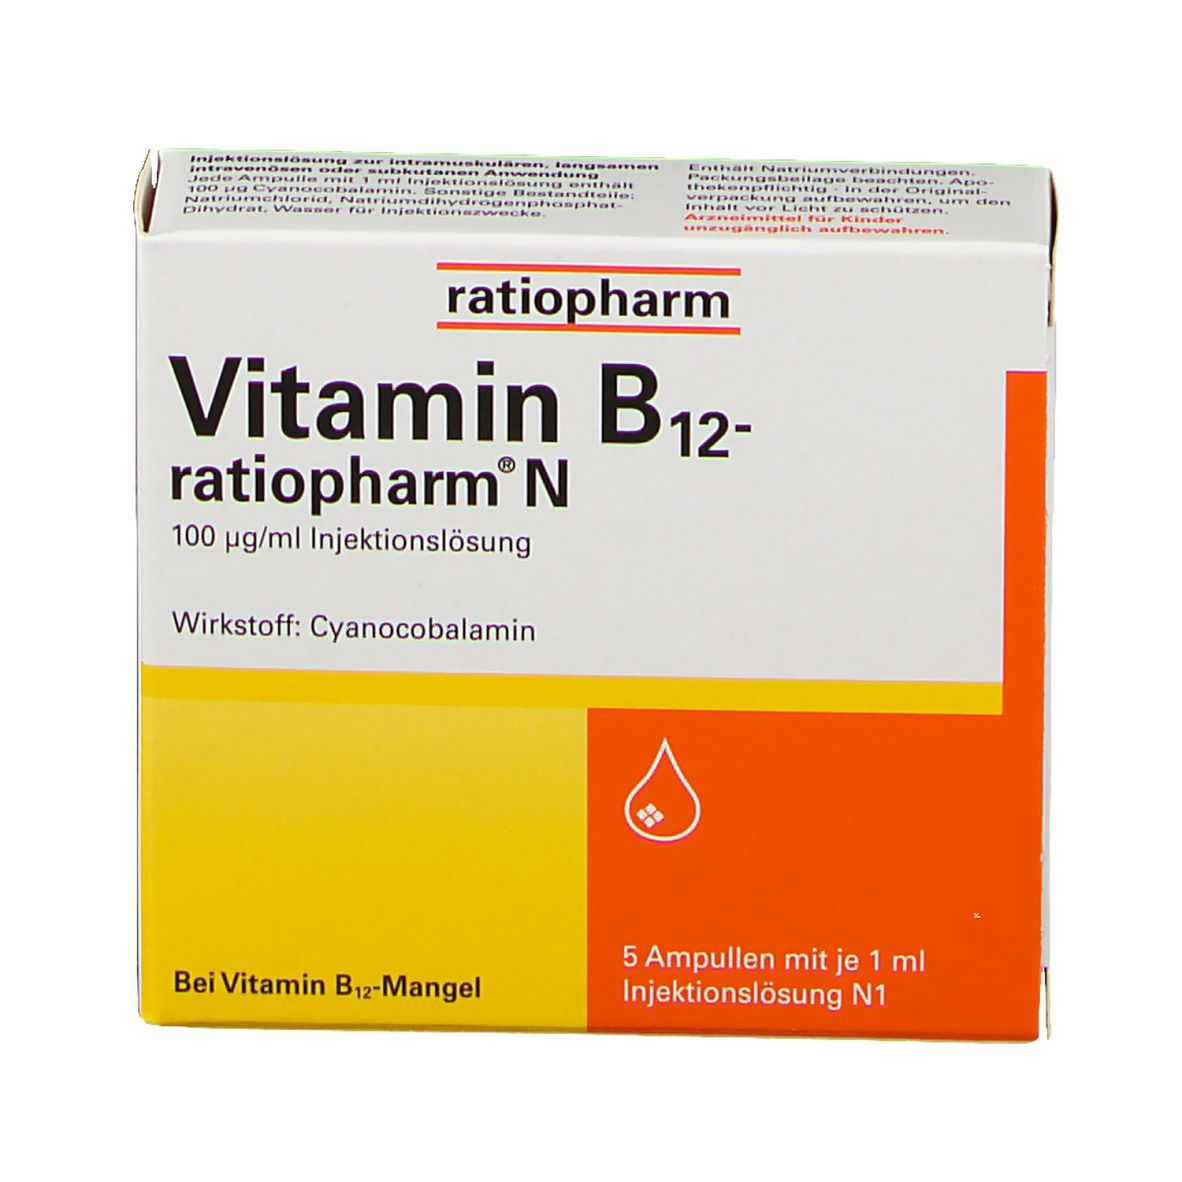 Vitamin B6 und B12 Injektionen zur Gewichtsreduktion